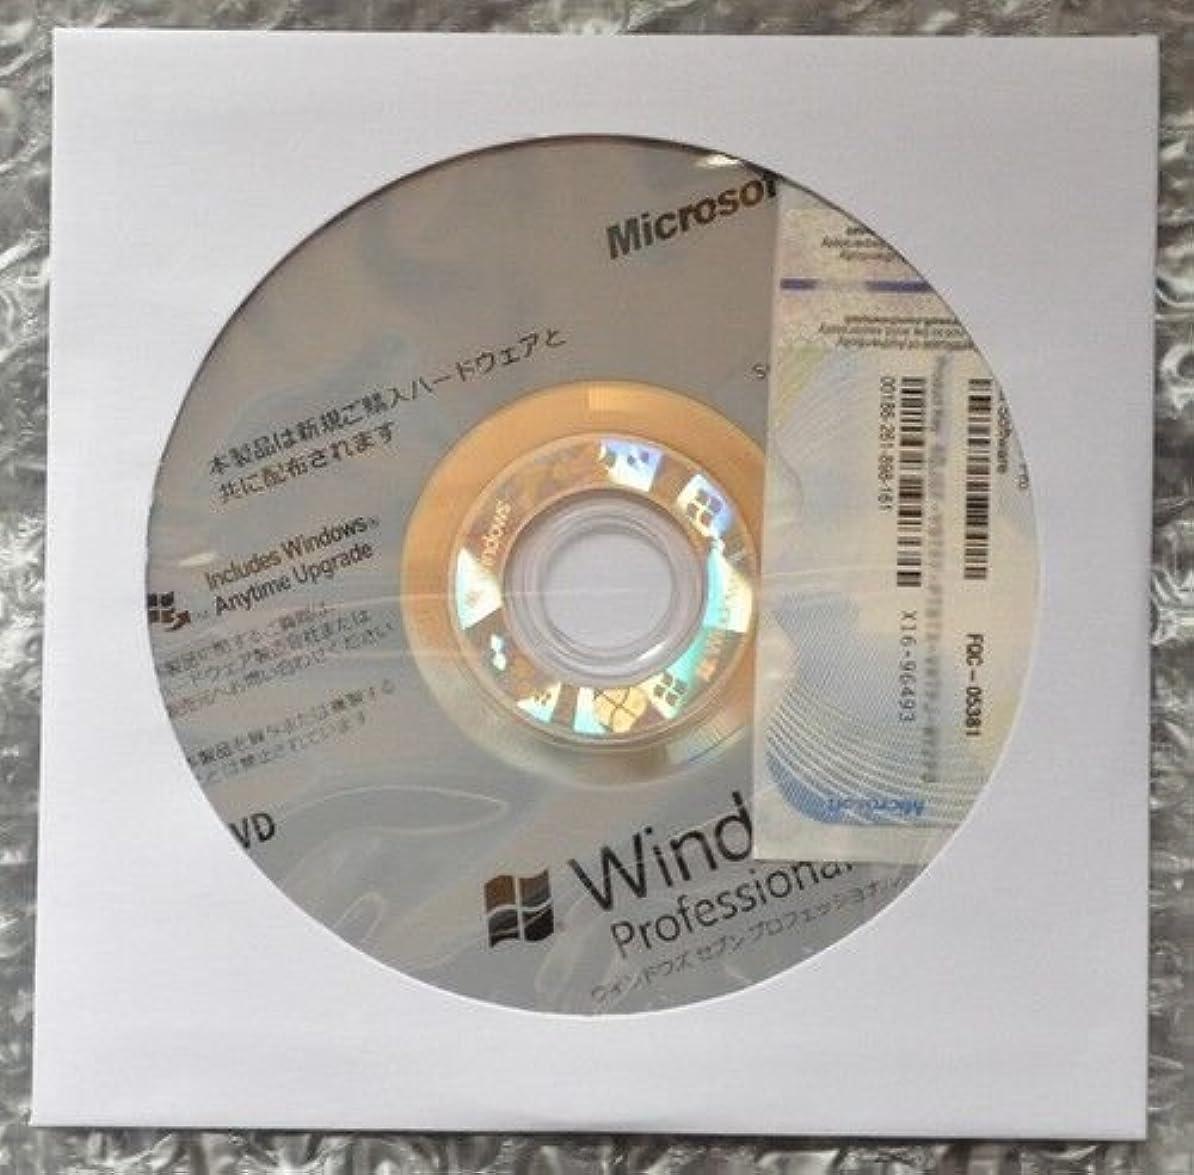 作曲するサーバントロゴWindows7 Professional 32bit SP1 認証キー付